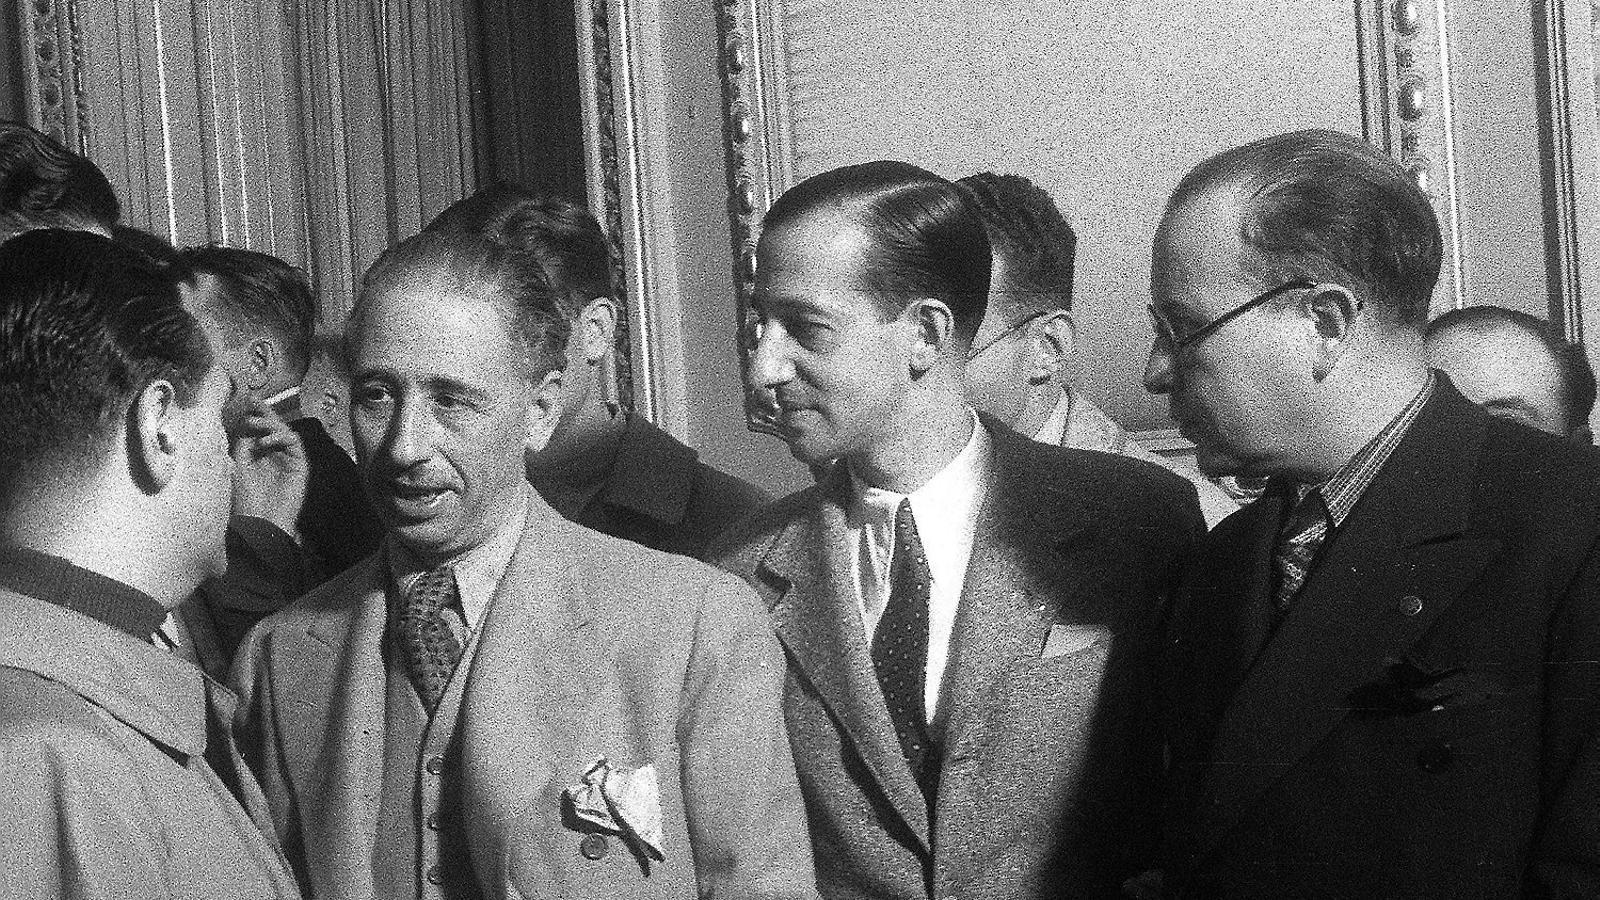 El president de la Generalitat Lluís Companys durant una visita a Madrid l'any 1937.